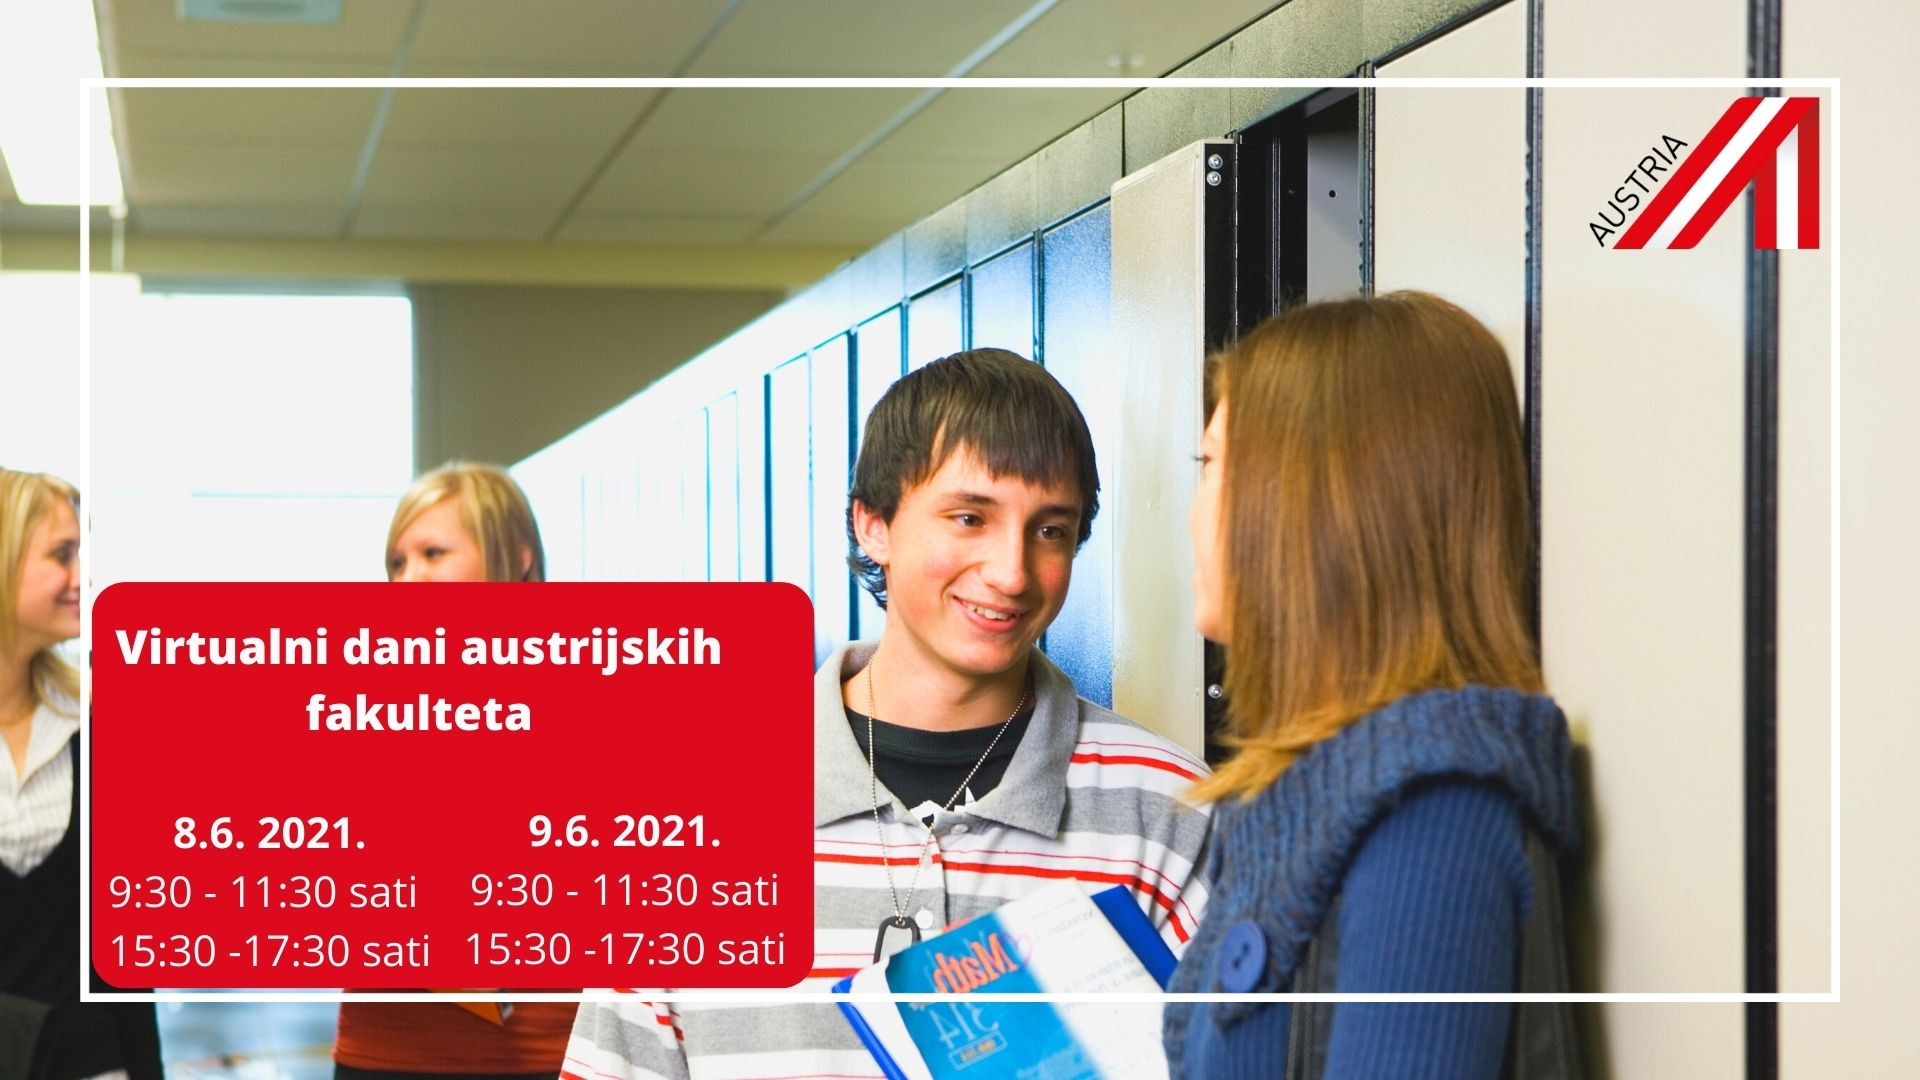 Virtualni dani austrijskih fakulteta